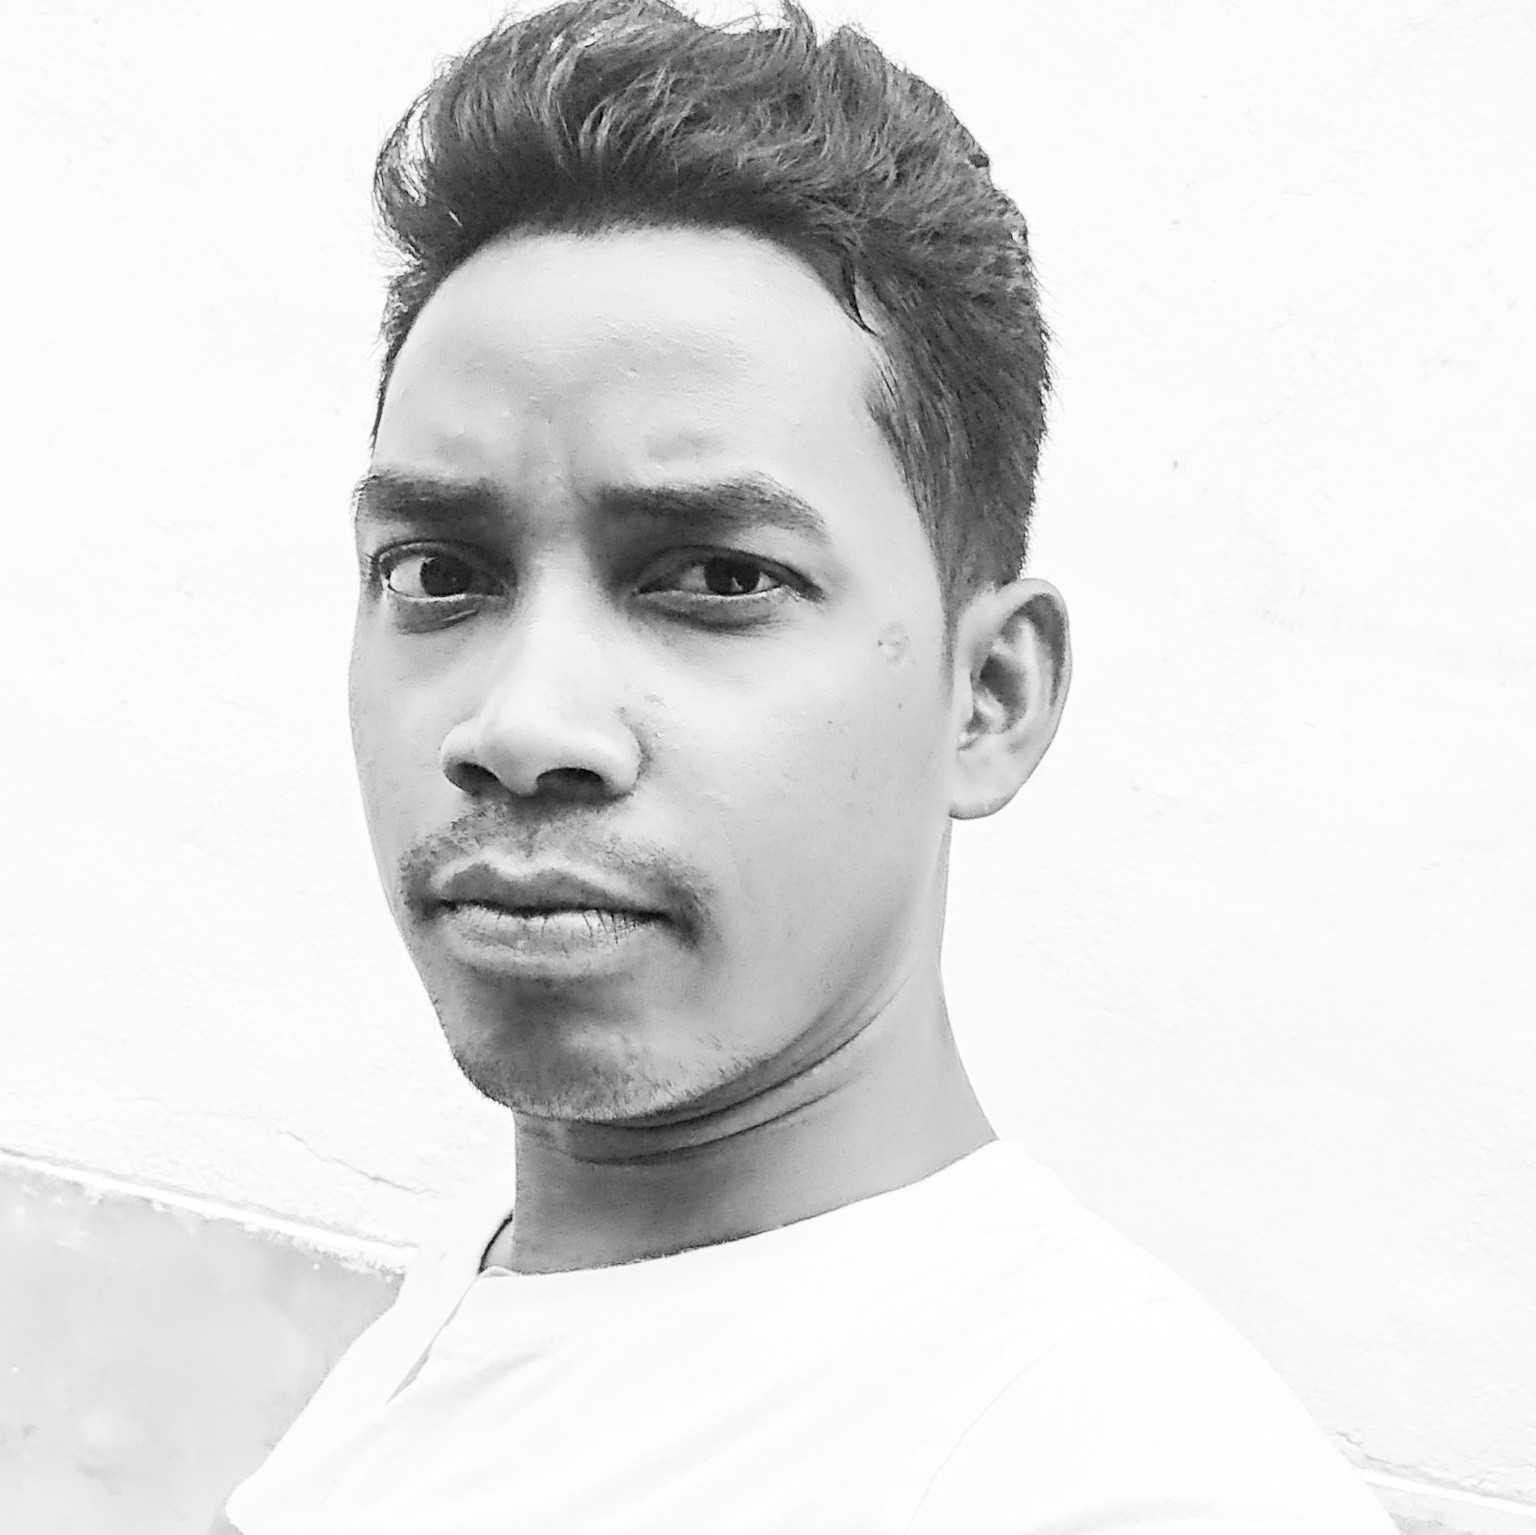 Preetam Kumar sahu